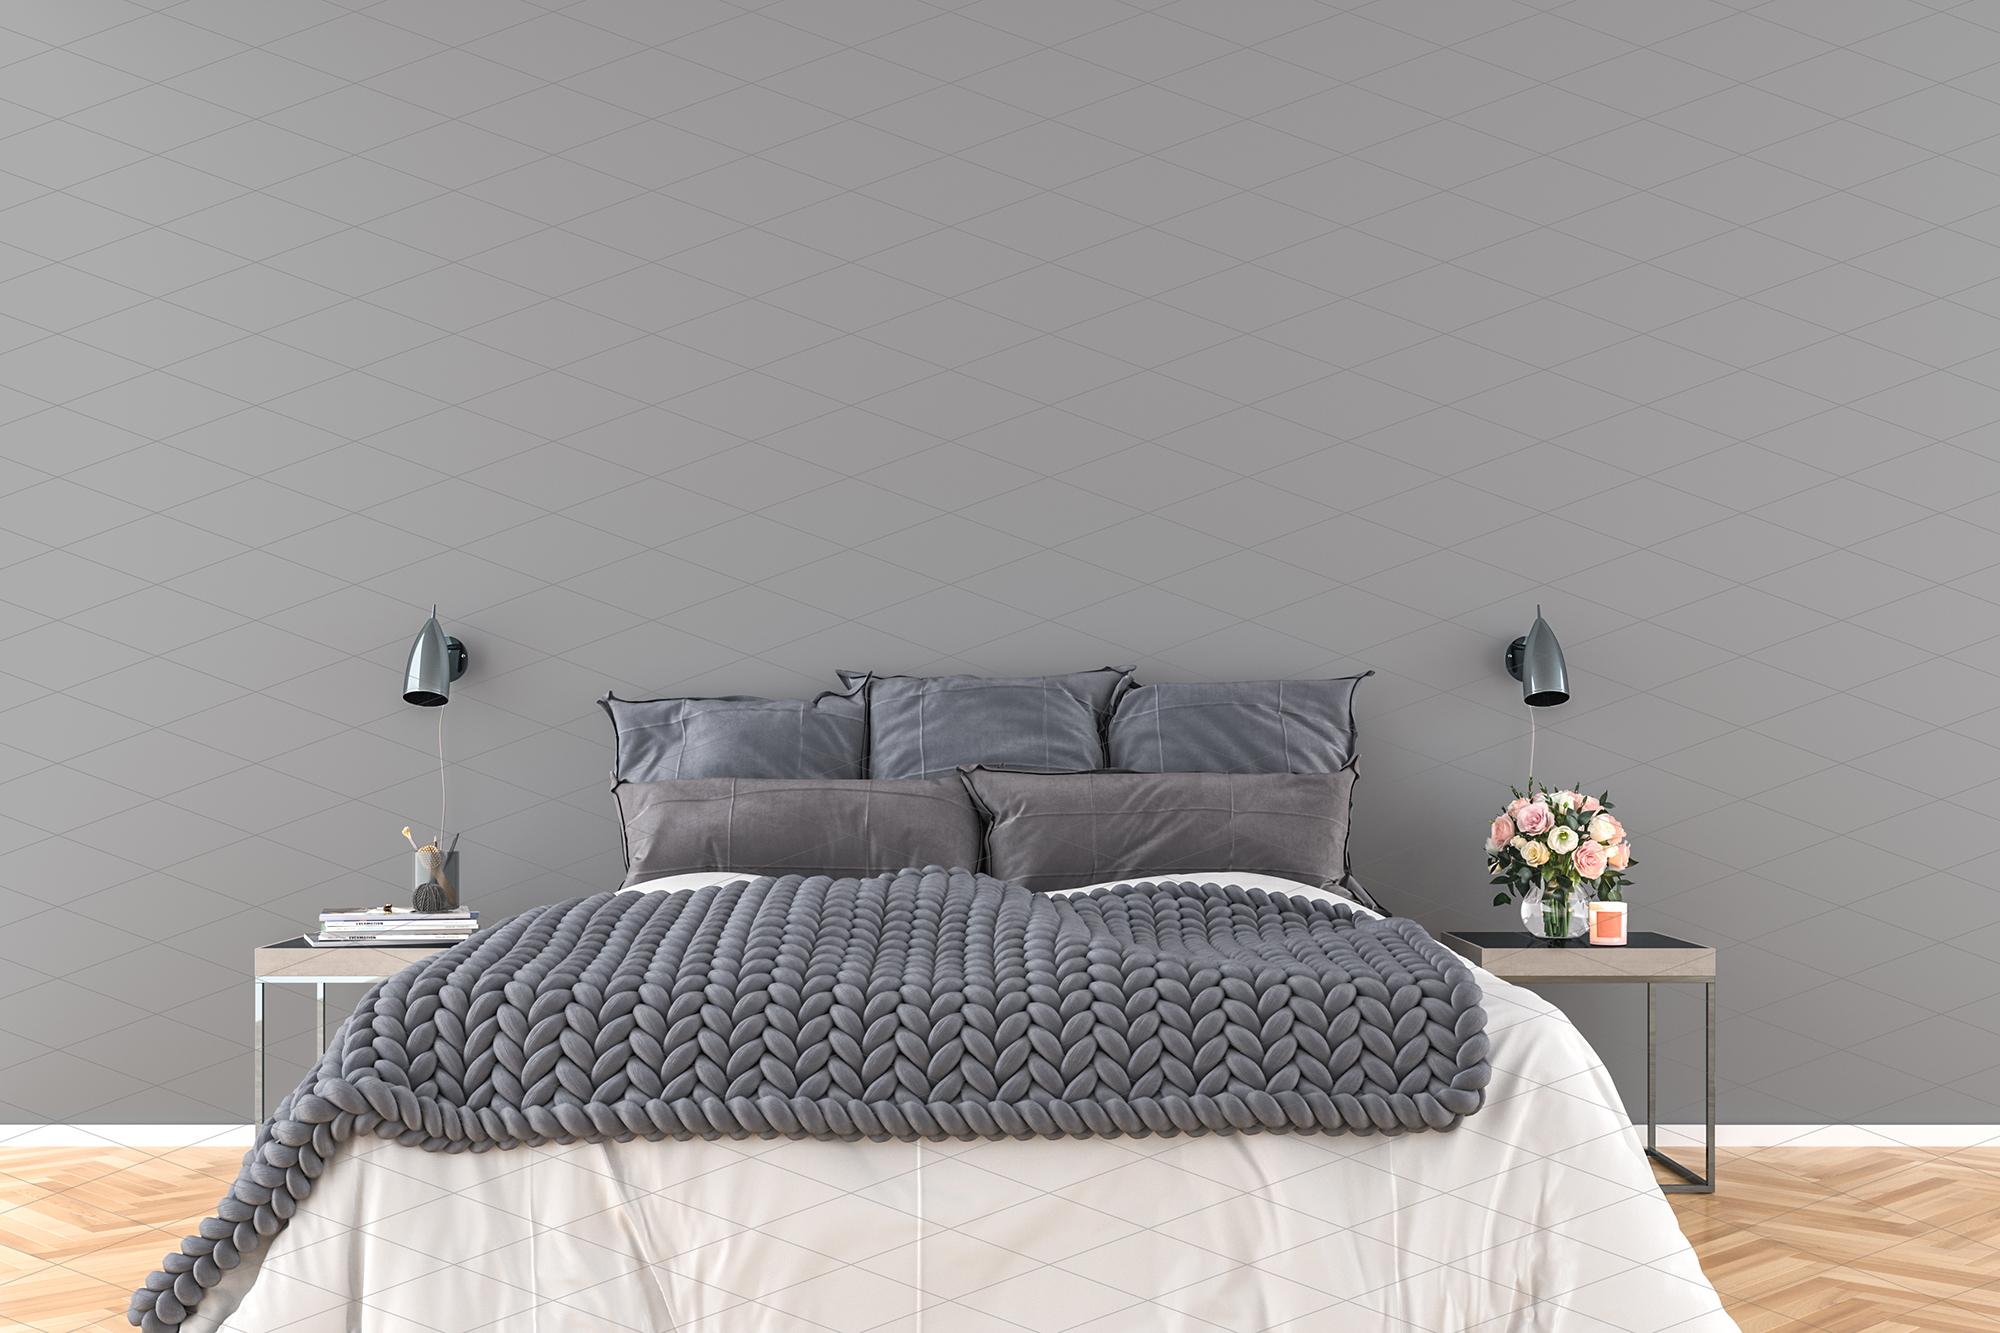 Wall mockup - wallpaper mock up example image 5